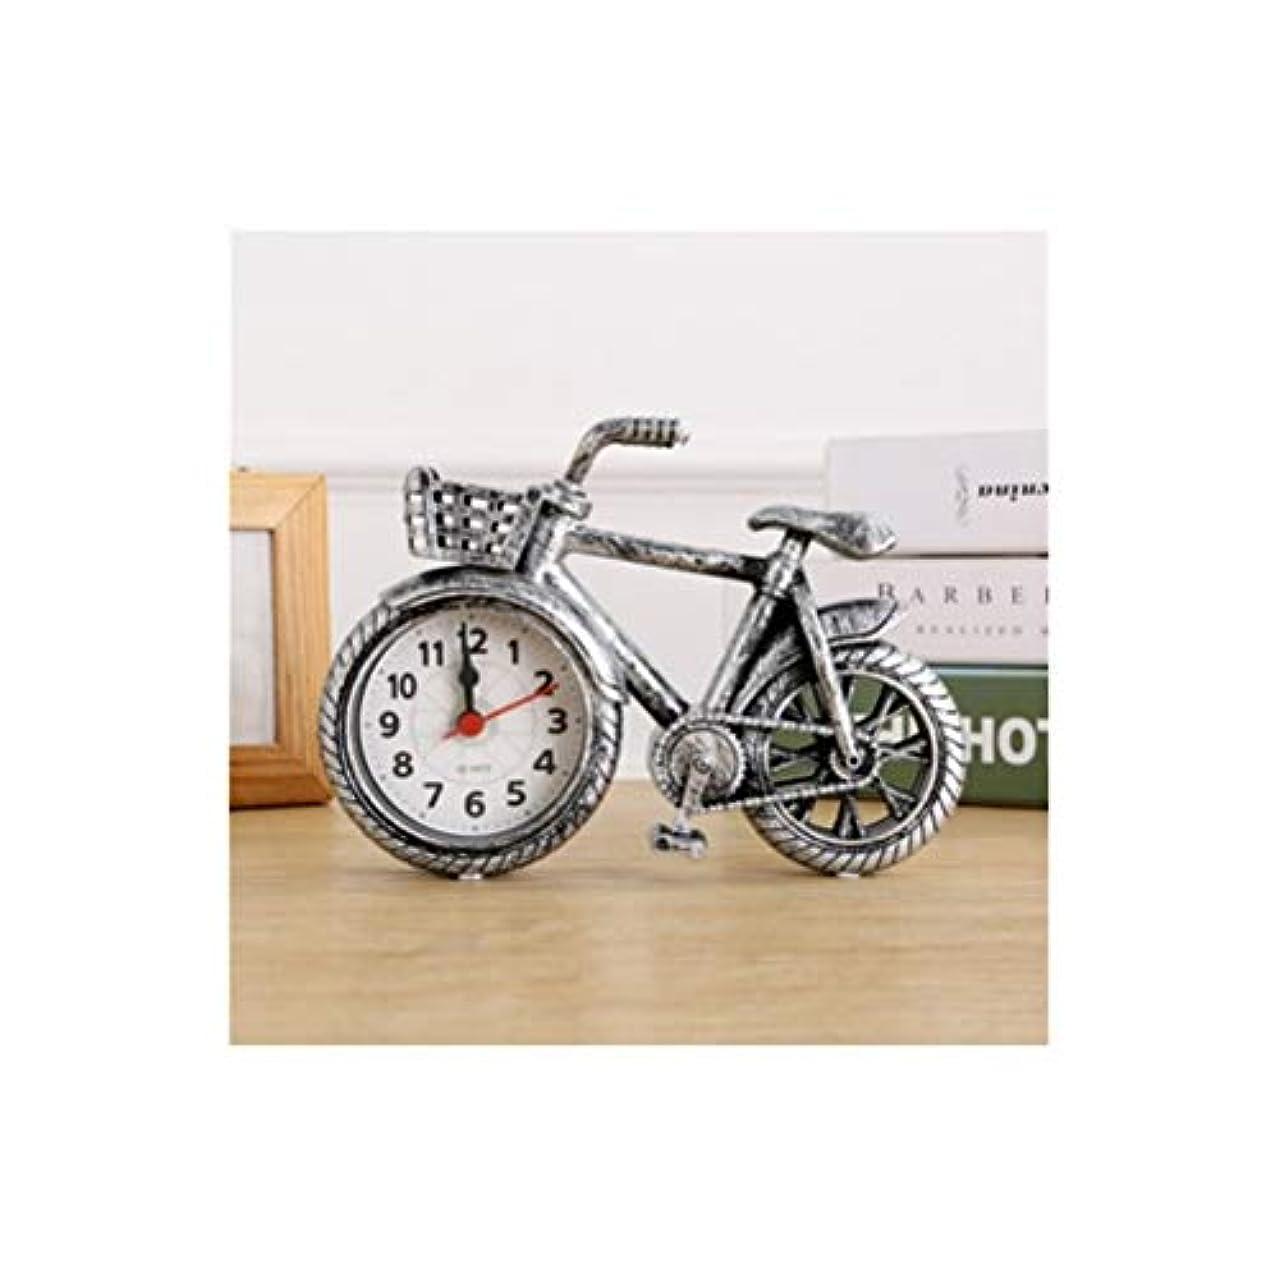 帆店員日付付きQiyuezhuangshi001 目覚まし時計、レトロなノスタルジックな自転車モデル人格目覚まし時計、クリエイティブ自転車時計テーブル、家の寝室の装飾装飾目覚まし時計、シルバー人格 材料の安全性 (Color : Silver)